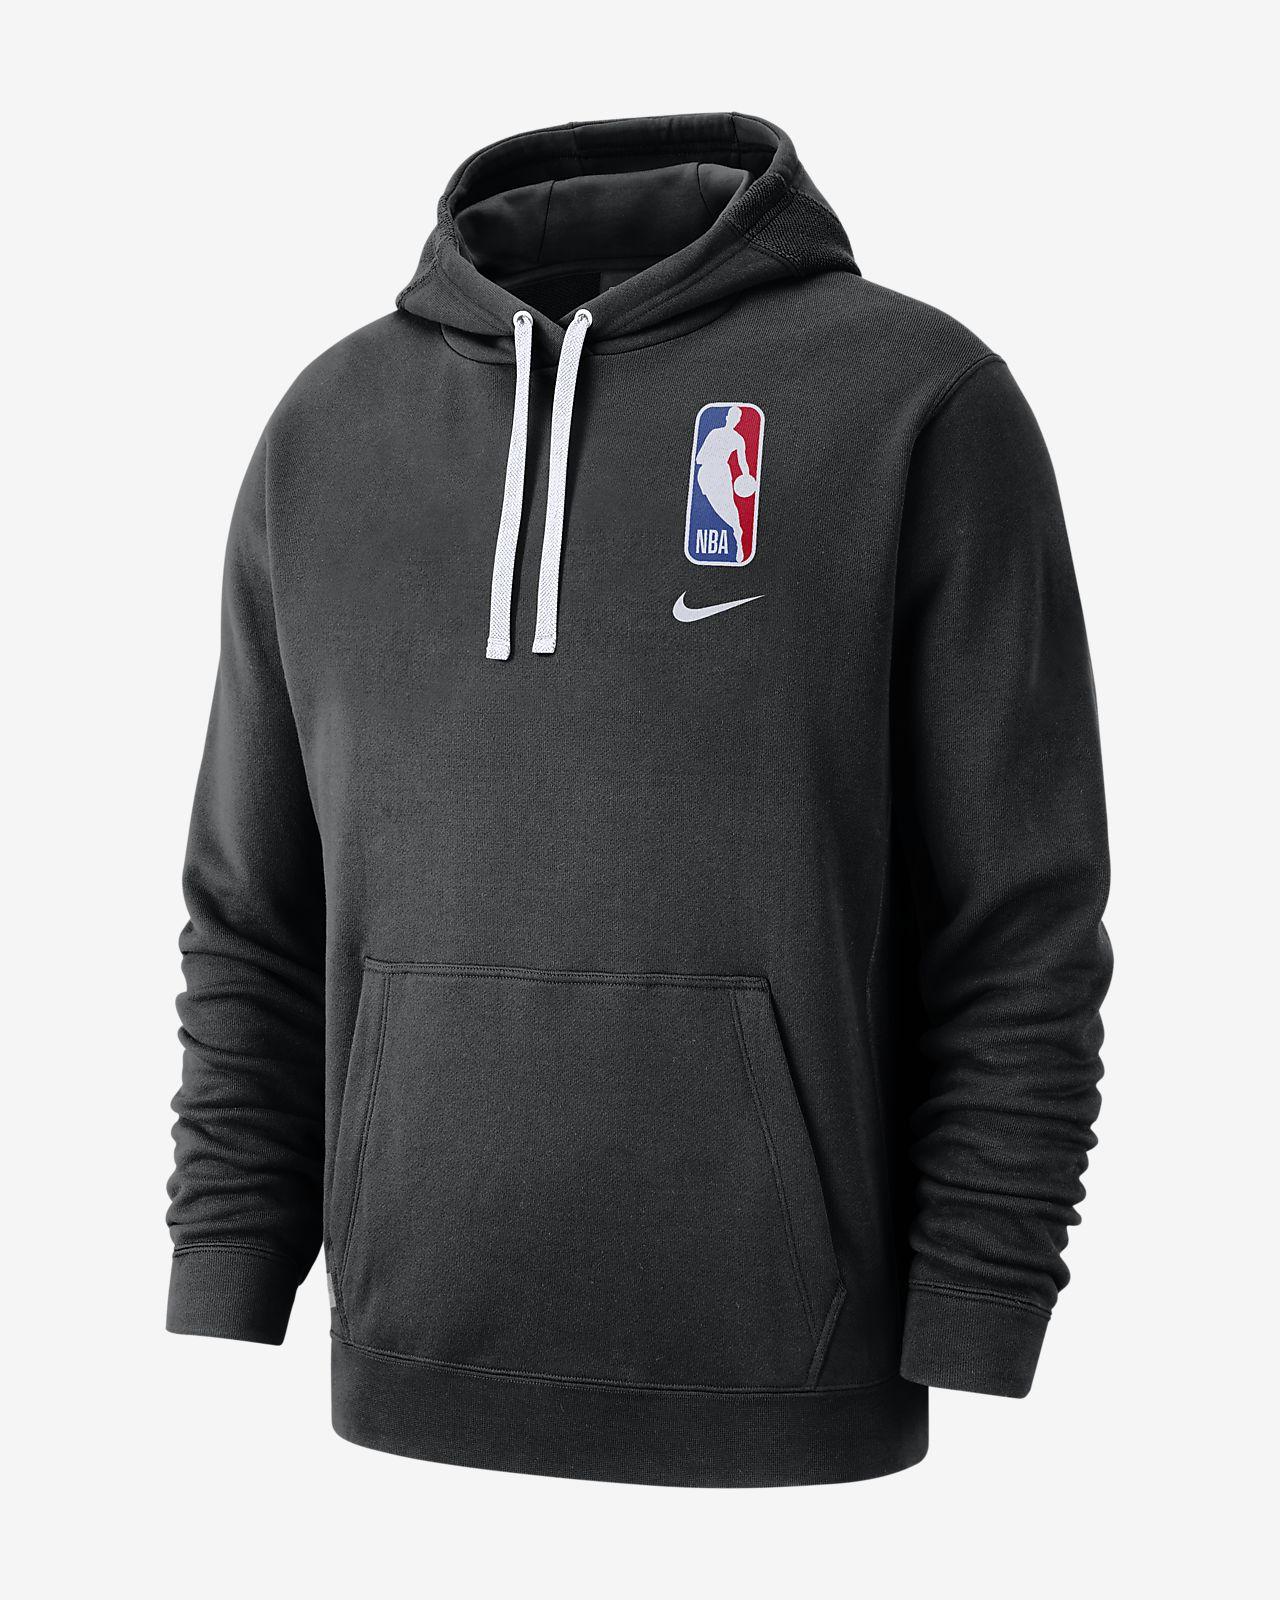 Nike Men's NBA Hoodie